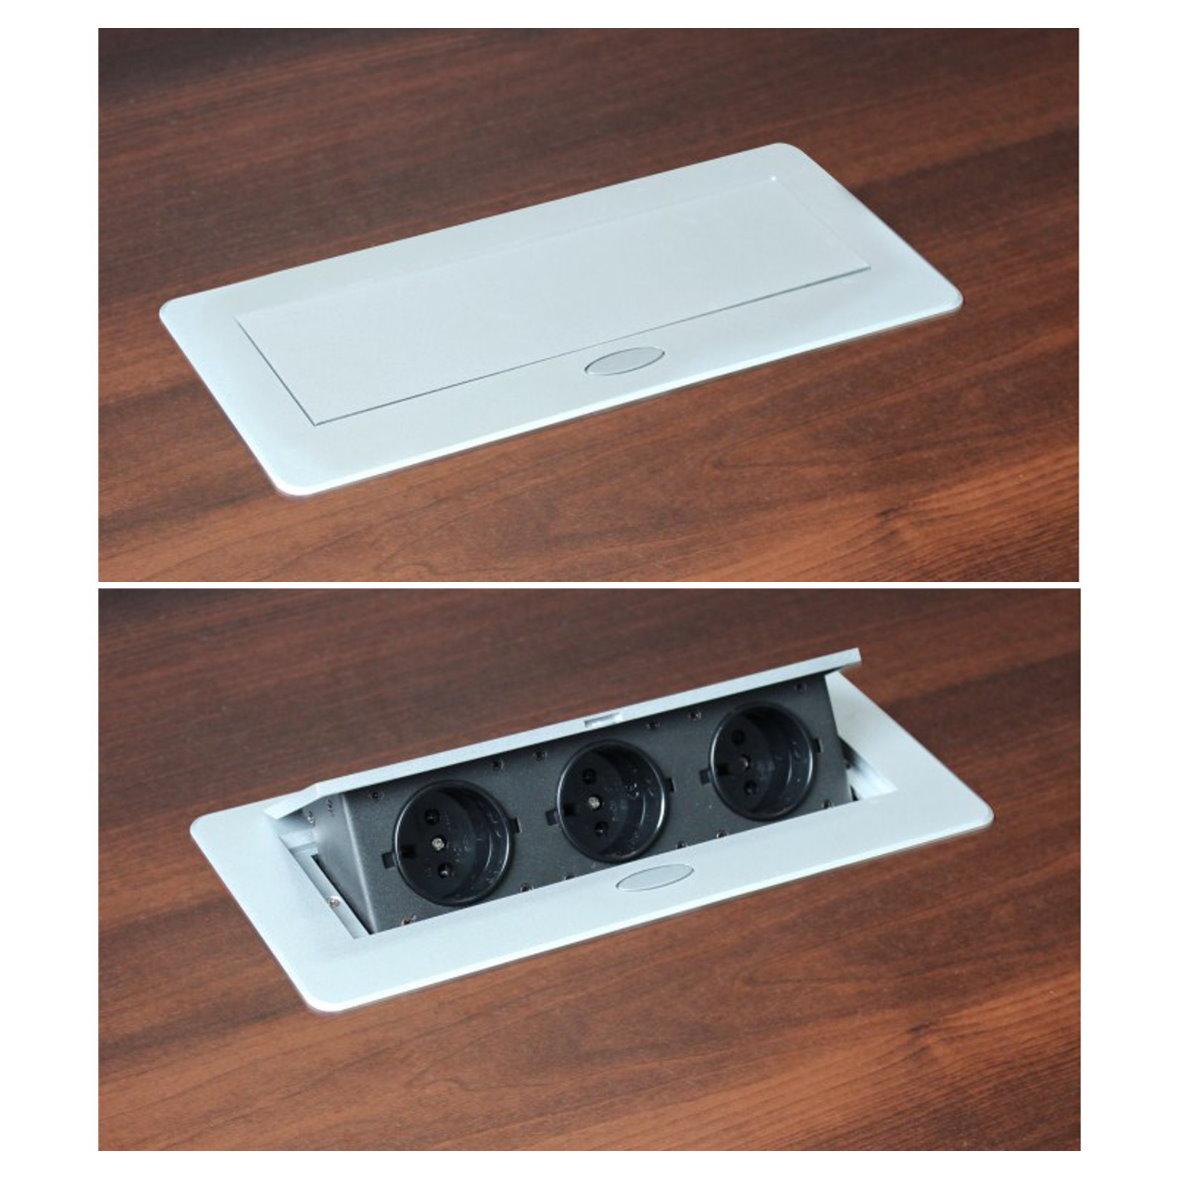 einbausteckdose 3 fach kabel 3m tischsteckdose bodensteckdose einbau steckdose ebay. Black Bedroom Furniture Sets. Home Design Ideas